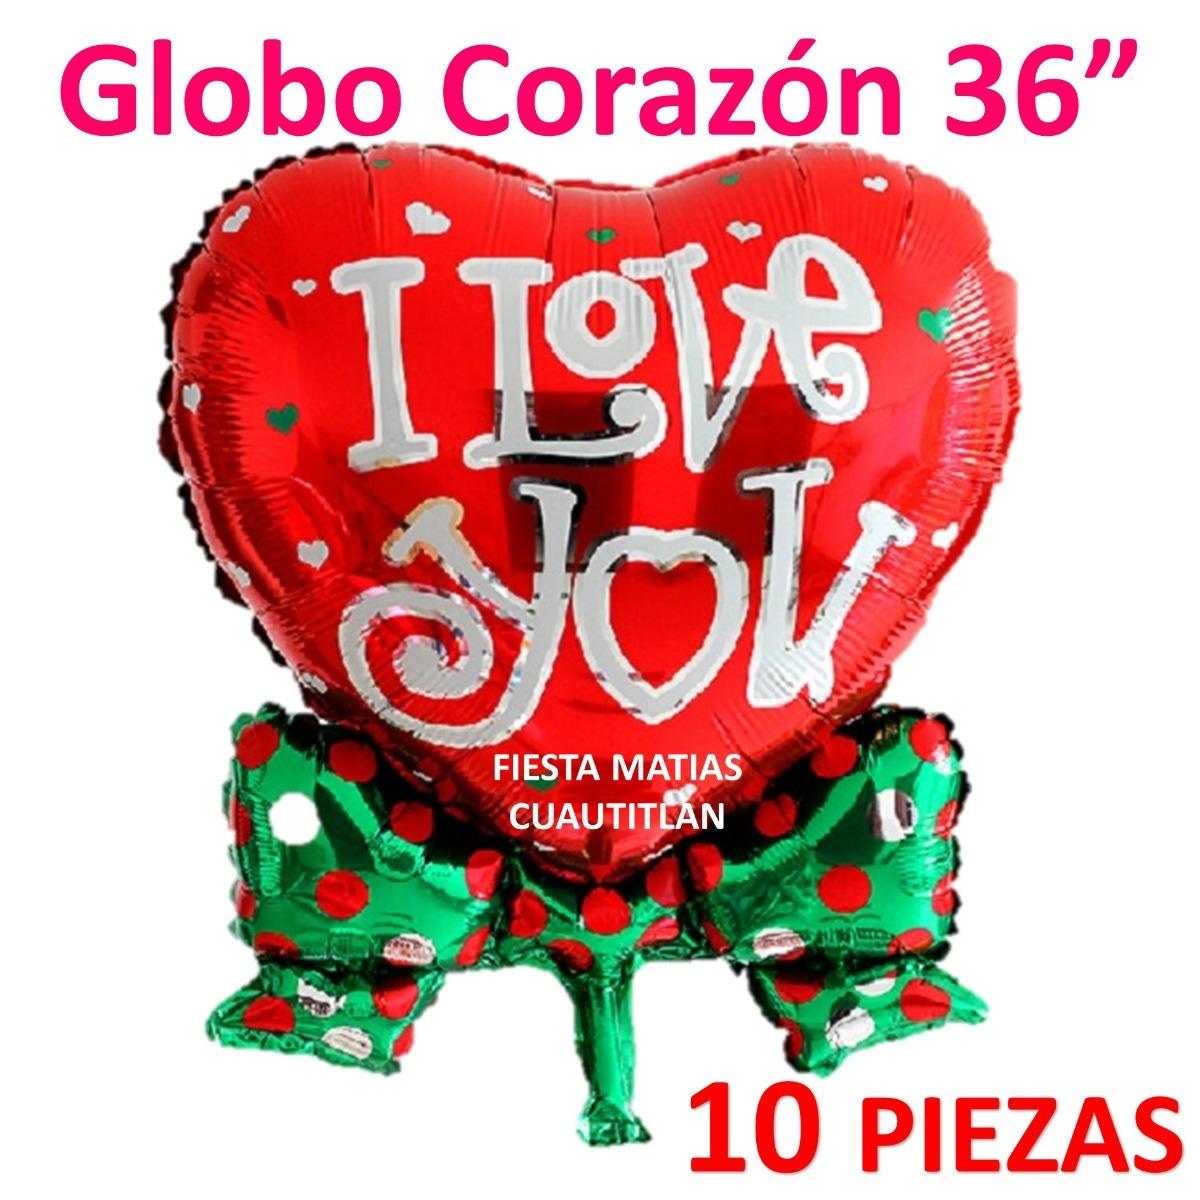 Globo Corazon Jumbo 36 Pulgadas San Valentin Helio 10 Piezas